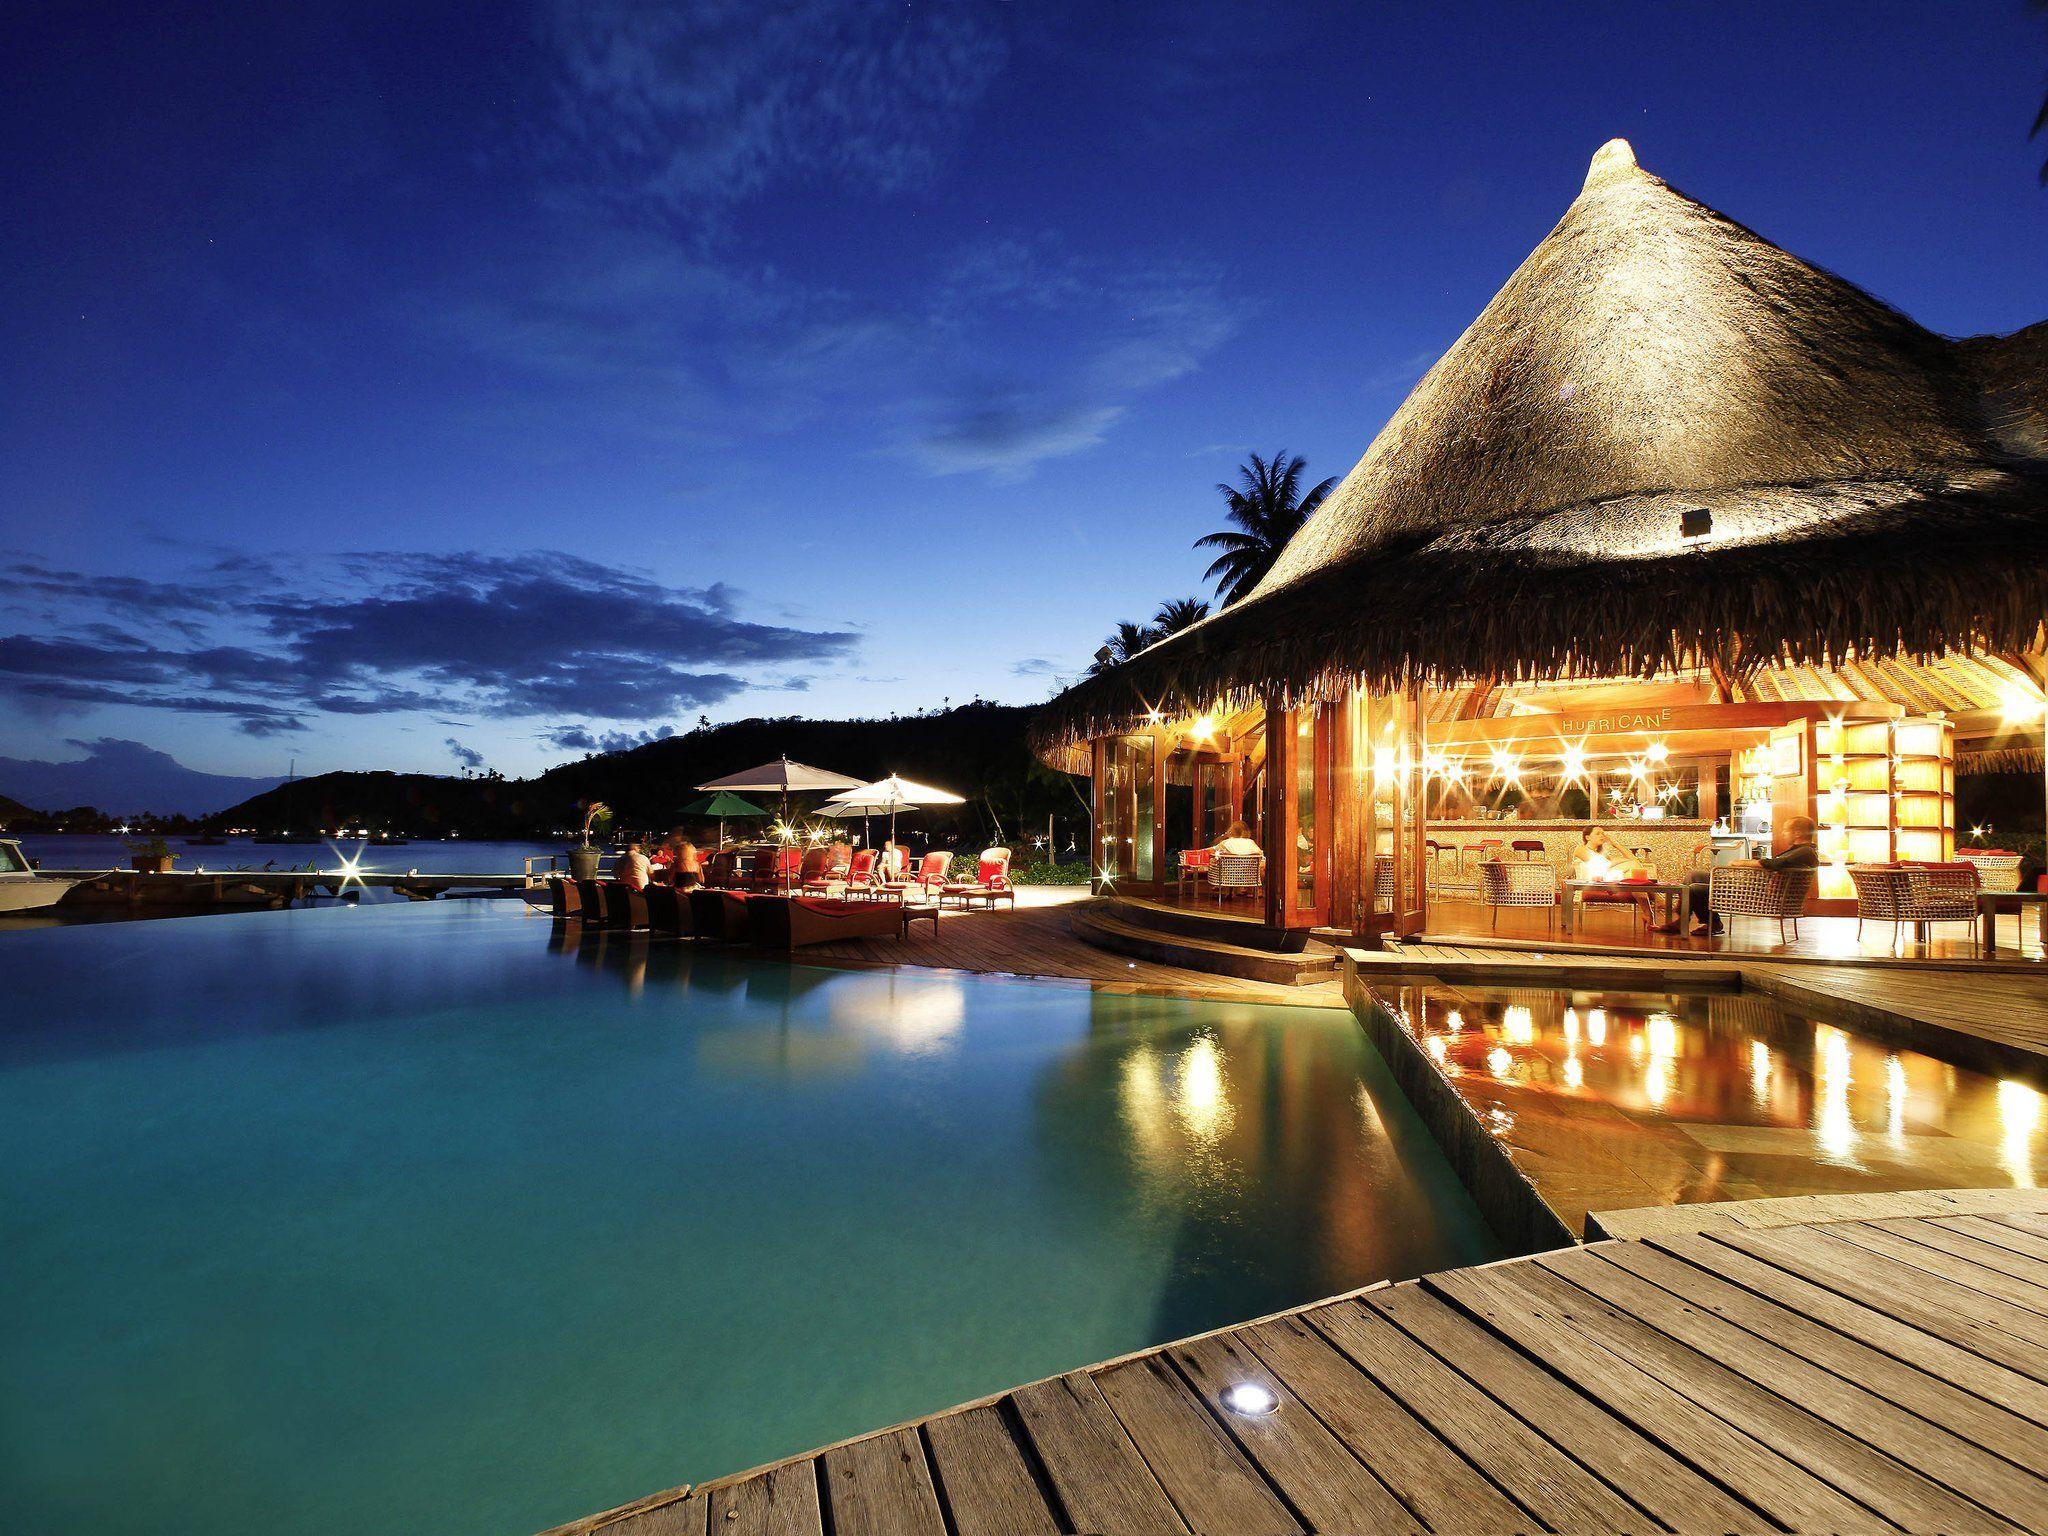 Image Result For All Inclusive Resorts Bora Bora Sofitel Bora Bora Hotels Marara Beach Resort Hotel